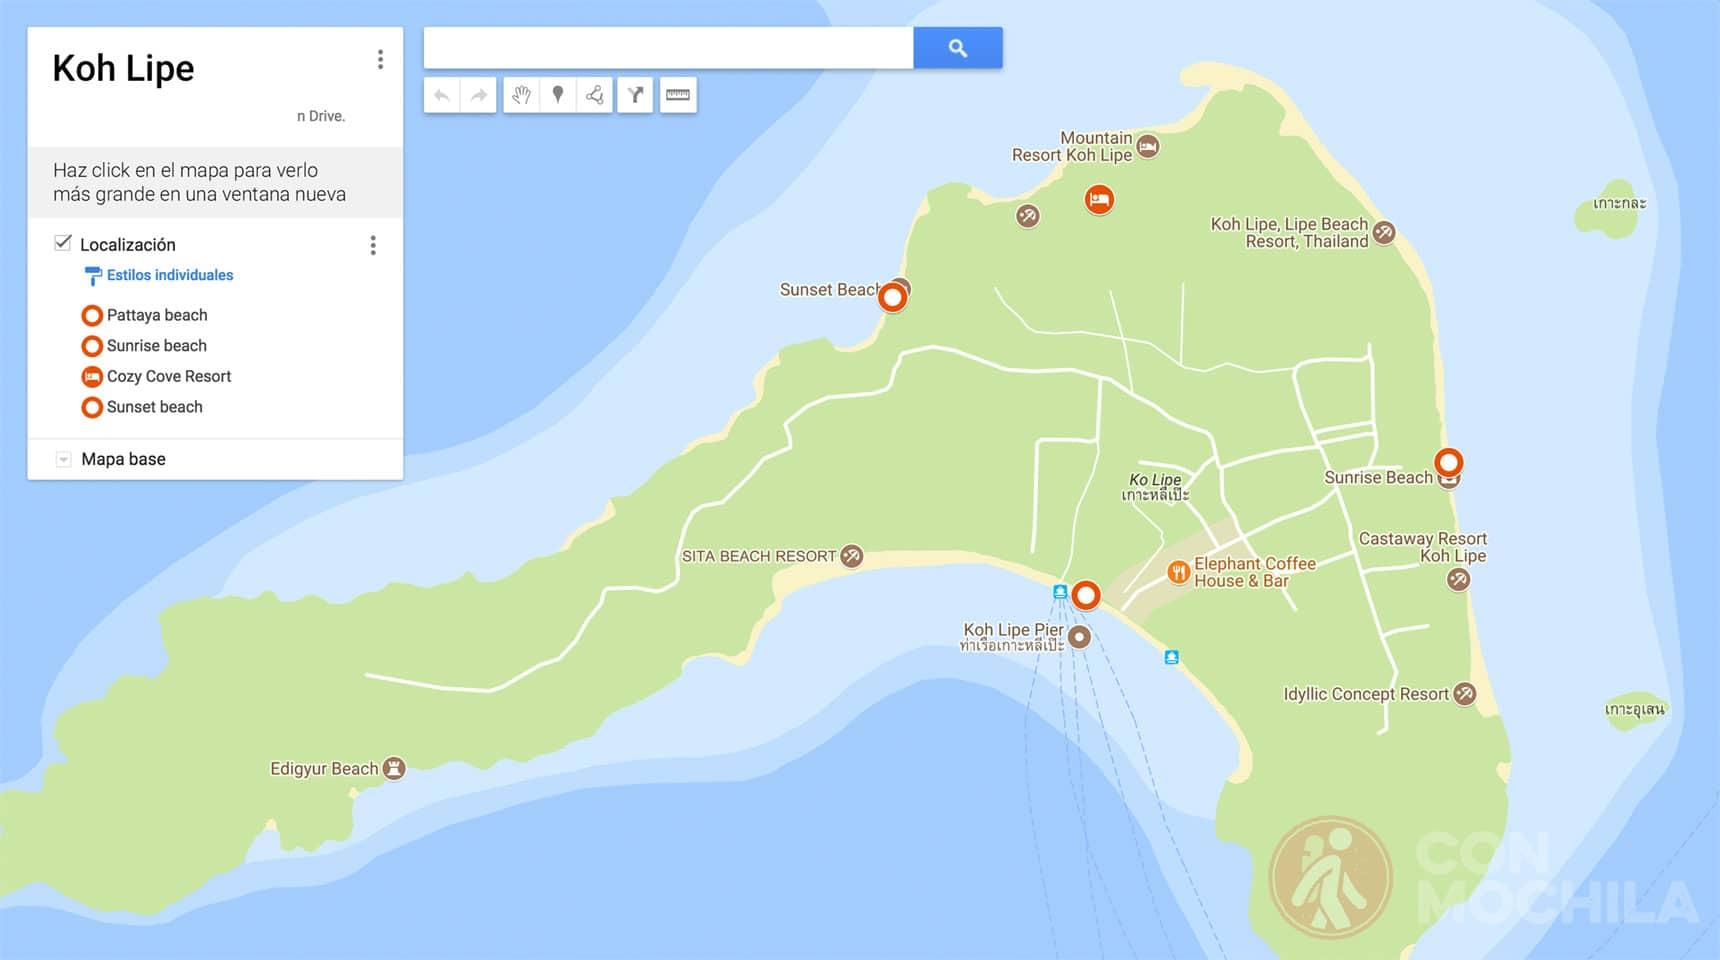 Mapa de Koh Lipe